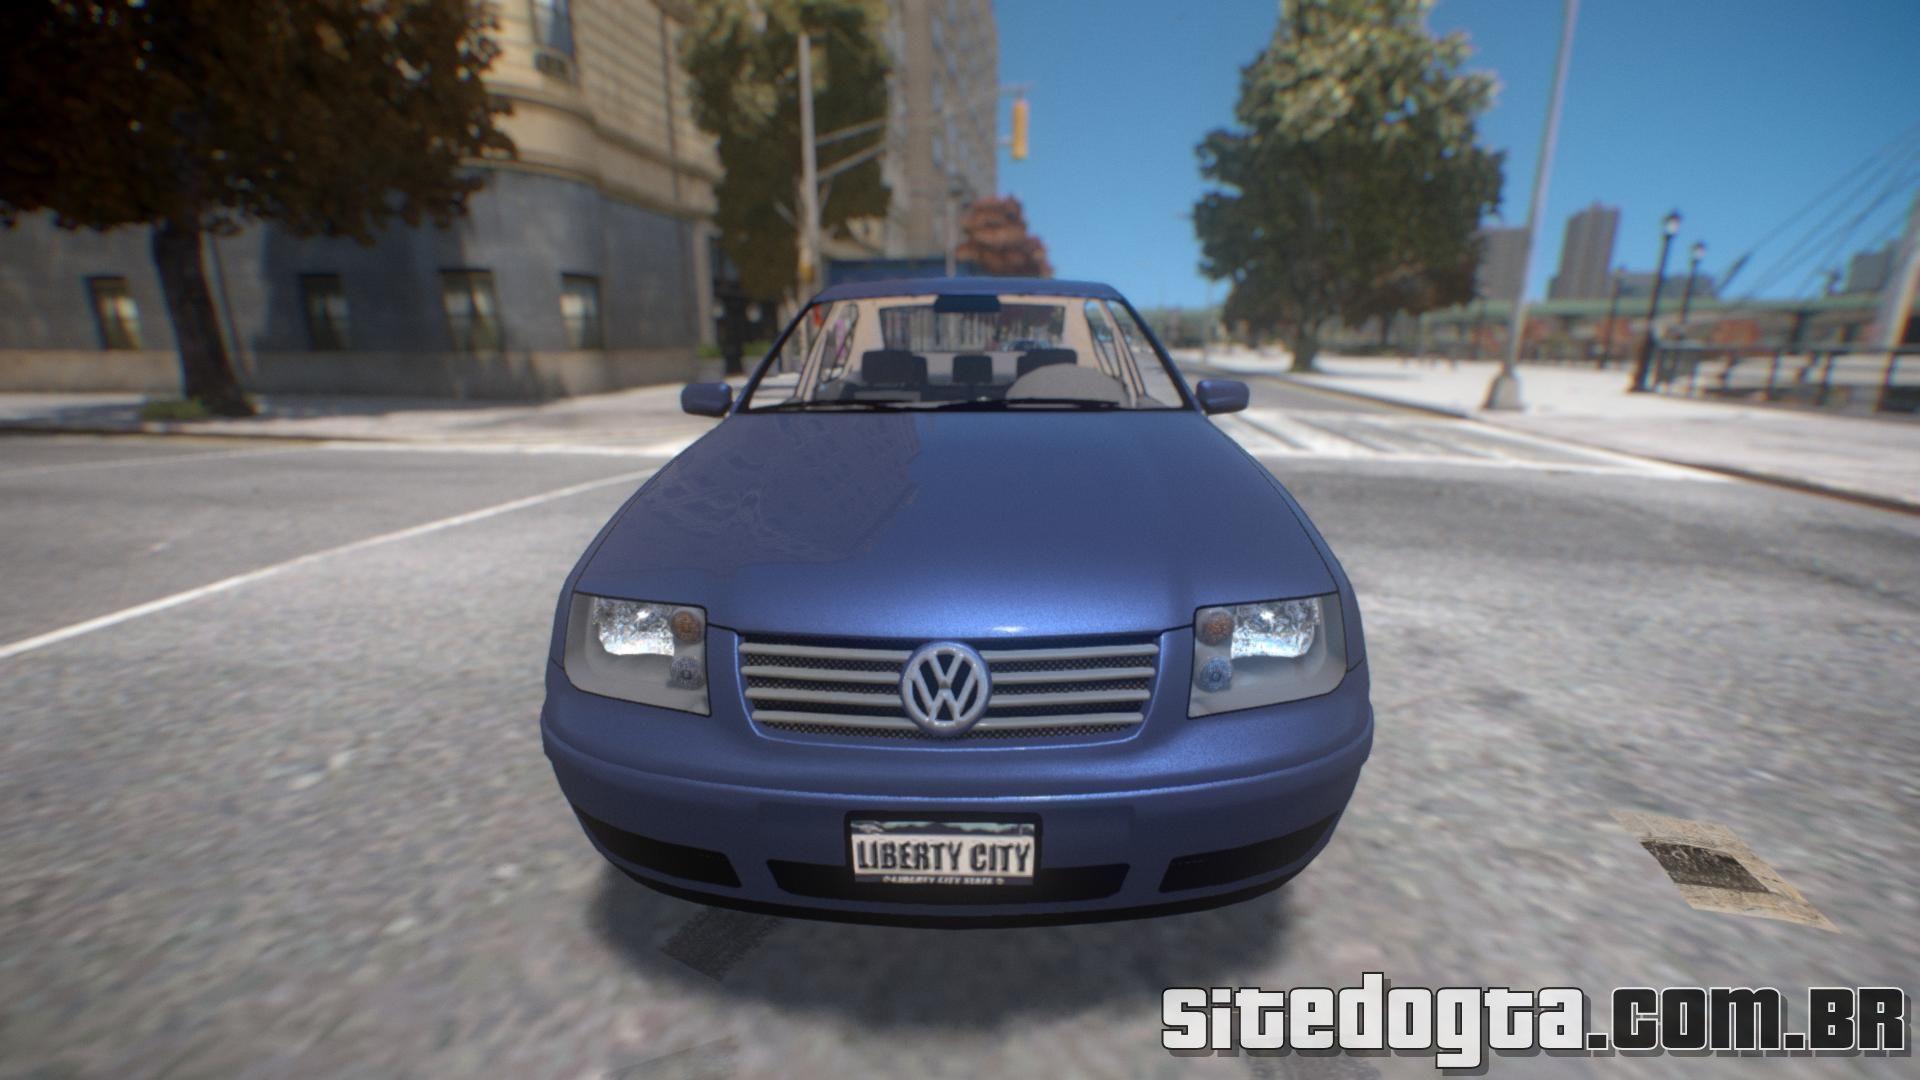 Carro brasileiro Volkswagen Bora para GTA IV | Site do GTA